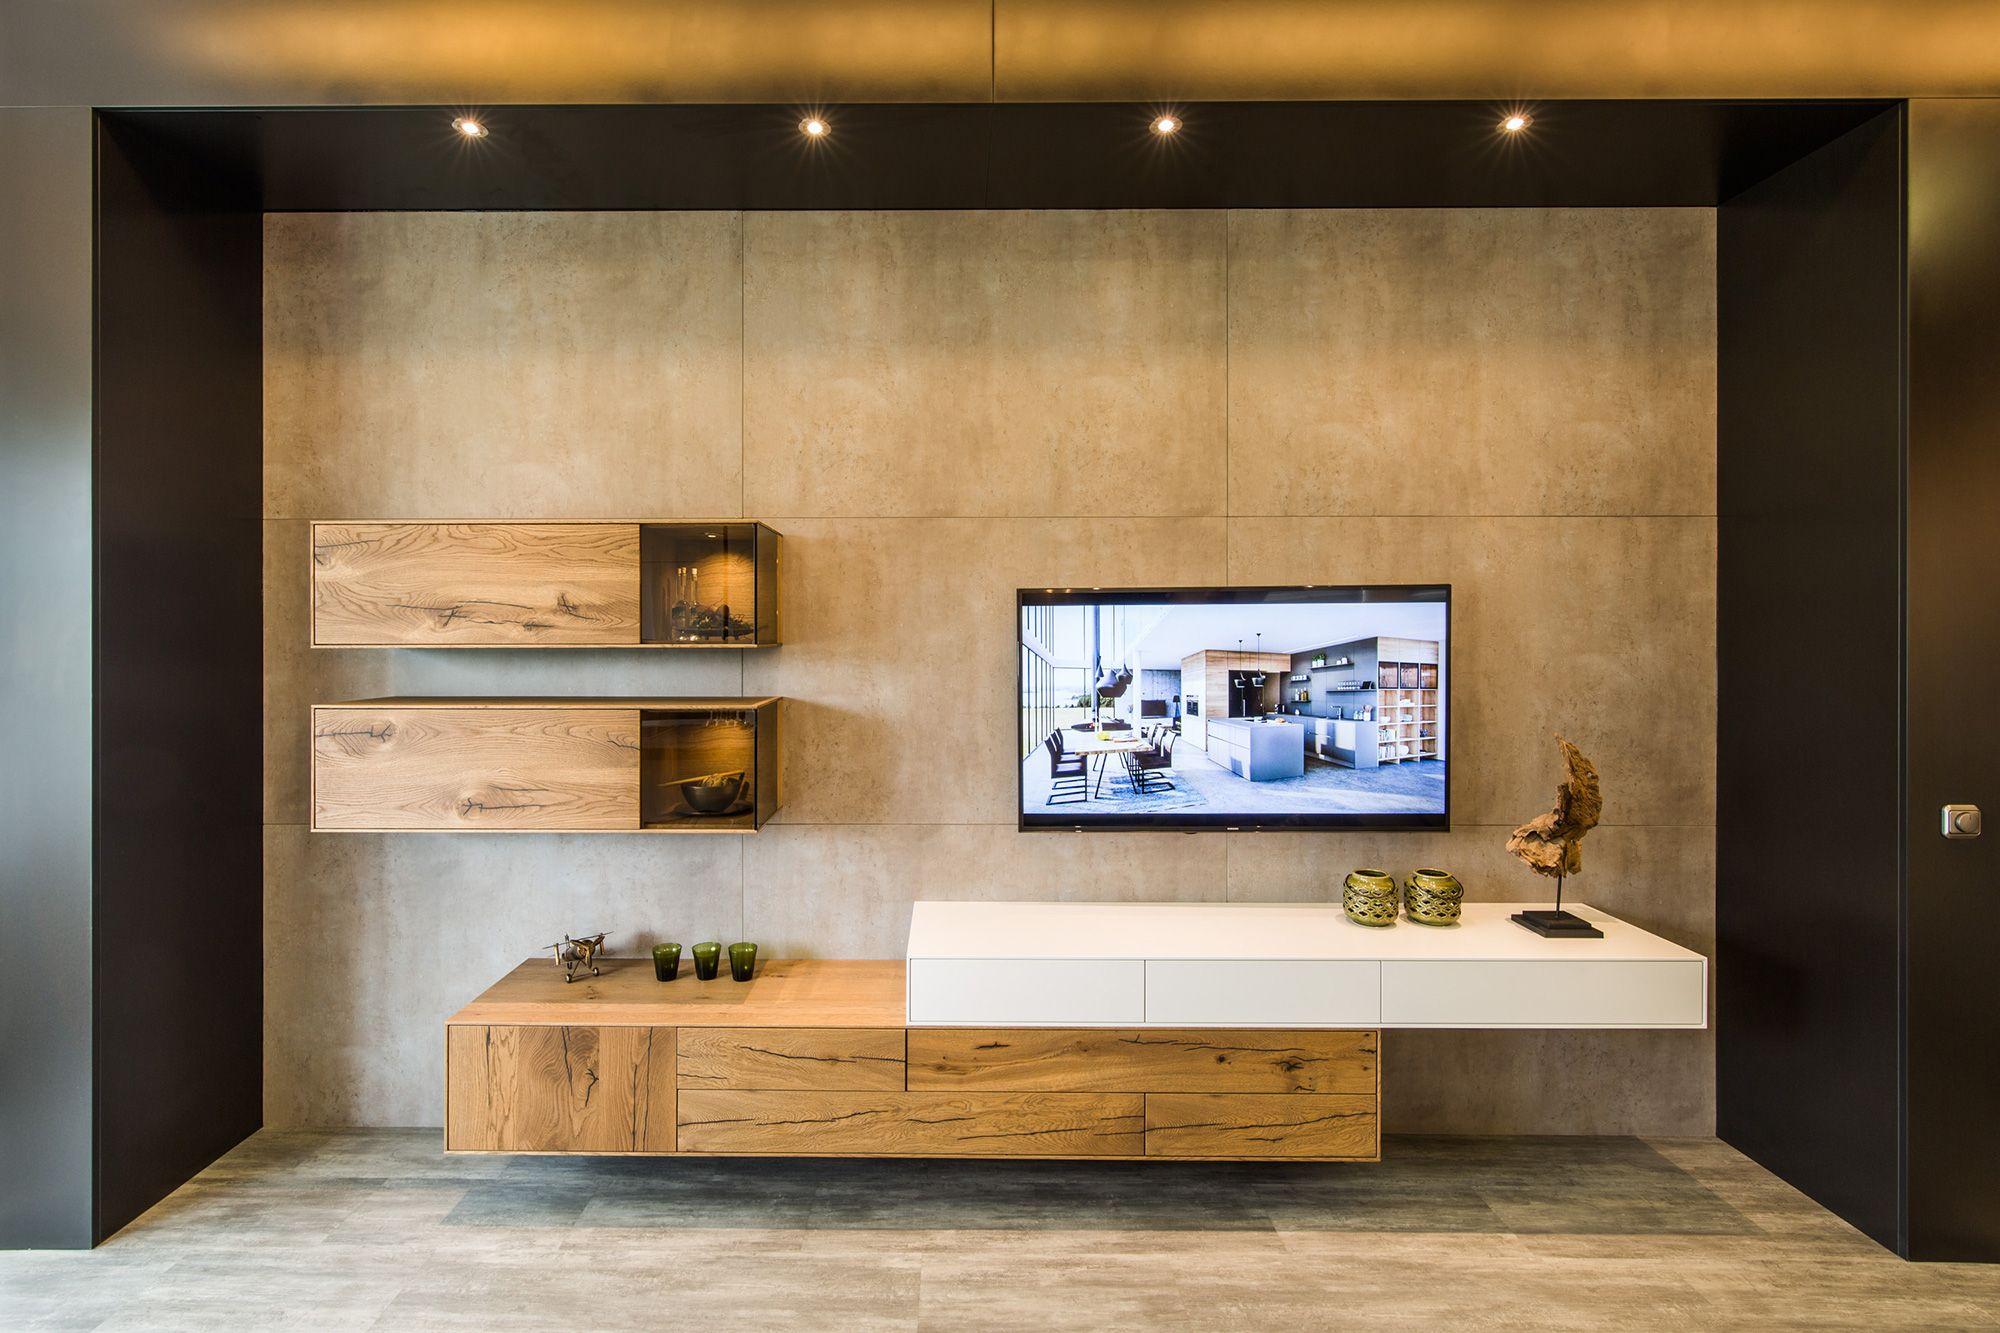 Beton Mit Eiche Kombiniert Wohnmobel Wohnzimmer Planen Wohnzimmer Haus Wohnzimmer